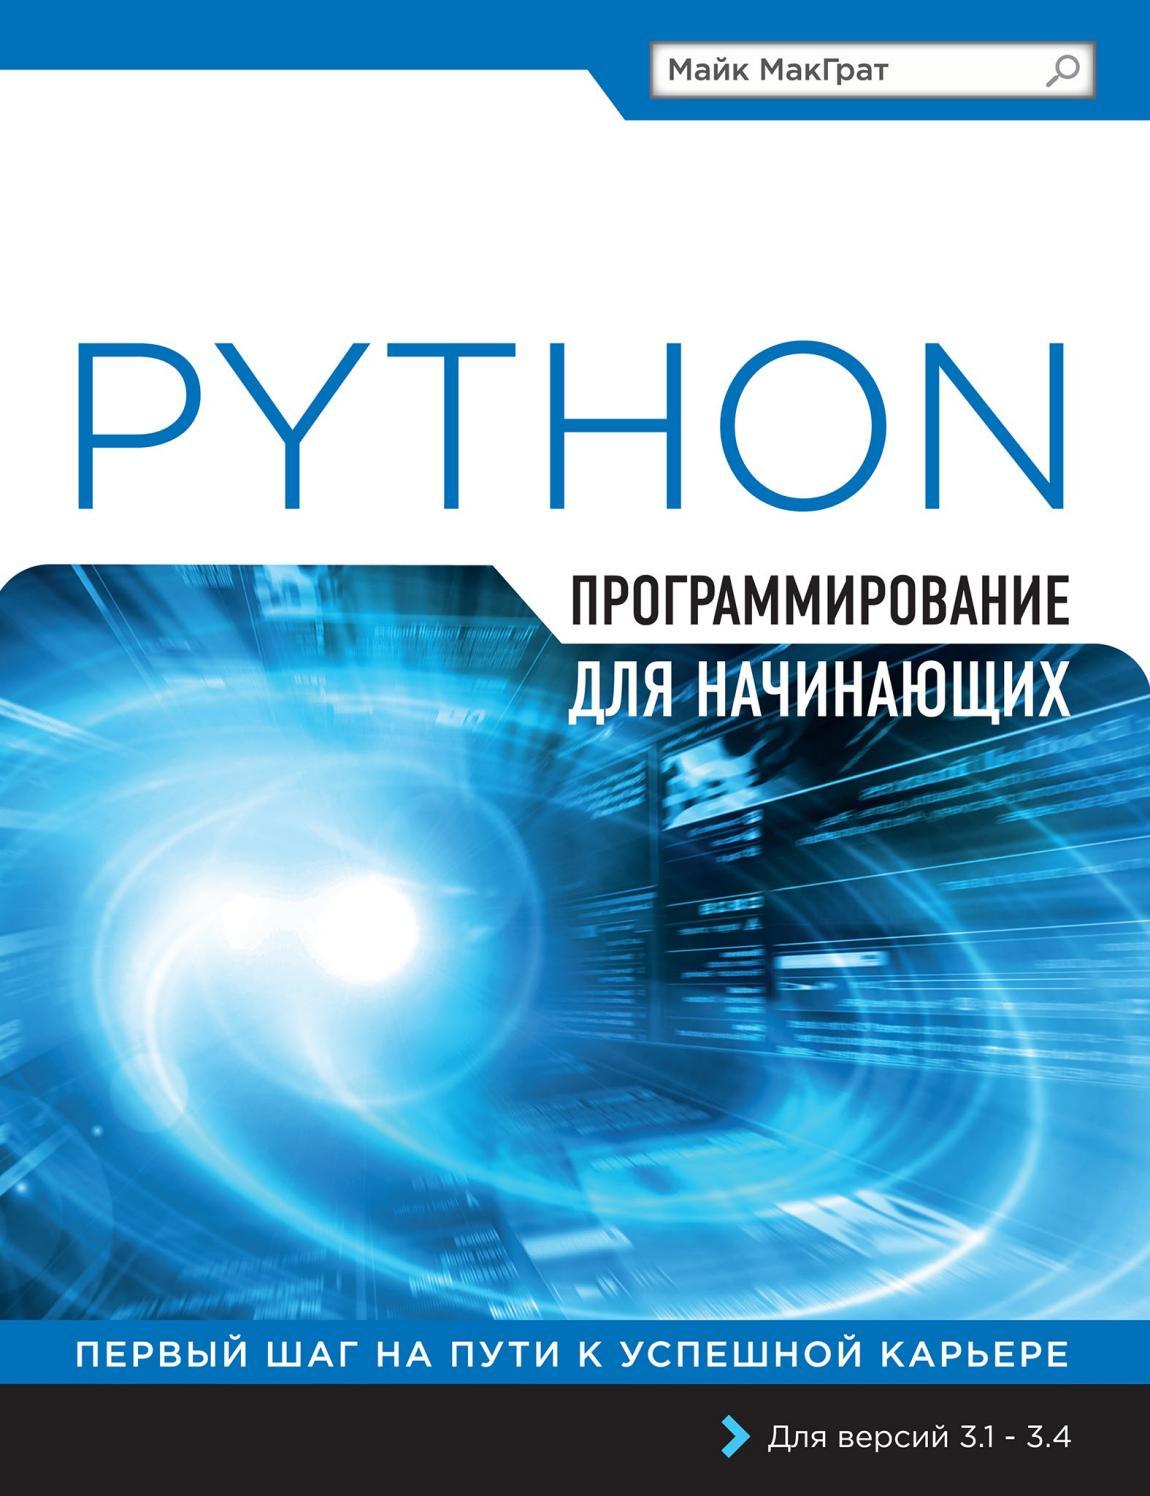 Является ли html языком программирования / хабр